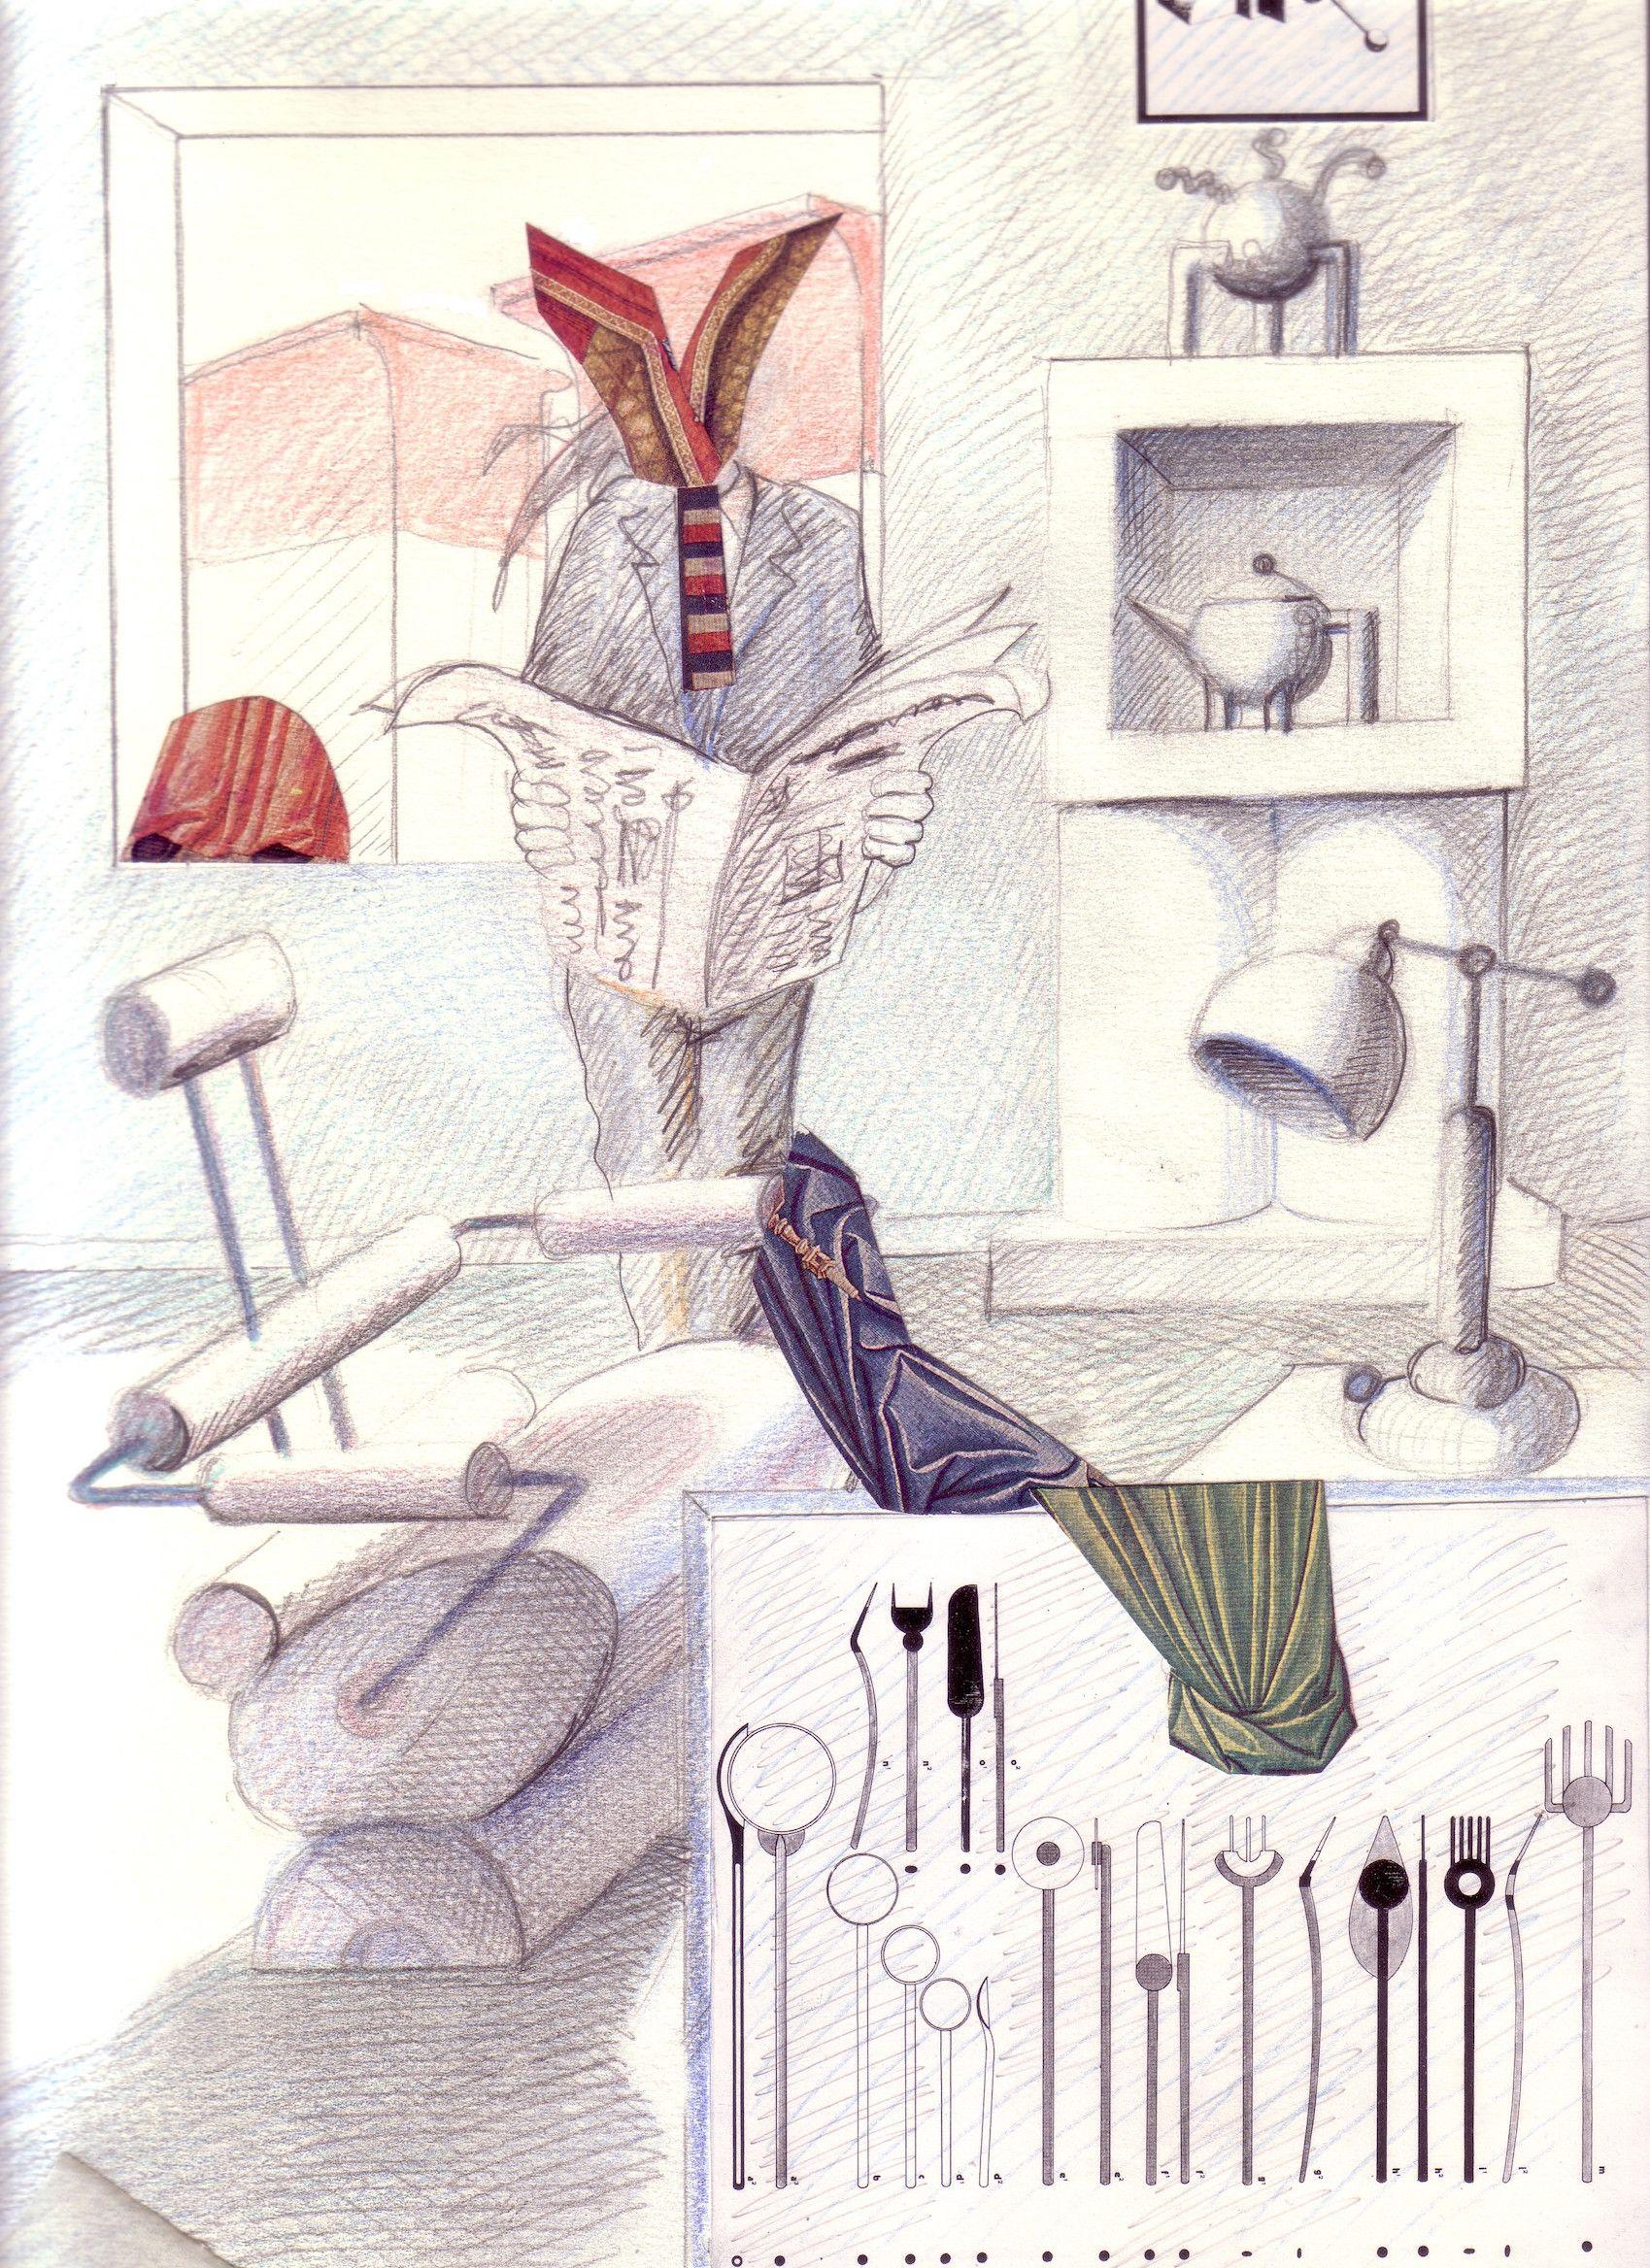 1991 INTERNO A BERLINO_ DESIGN_carta lucesa cm. 33 x 24.by Brunetto De Batté